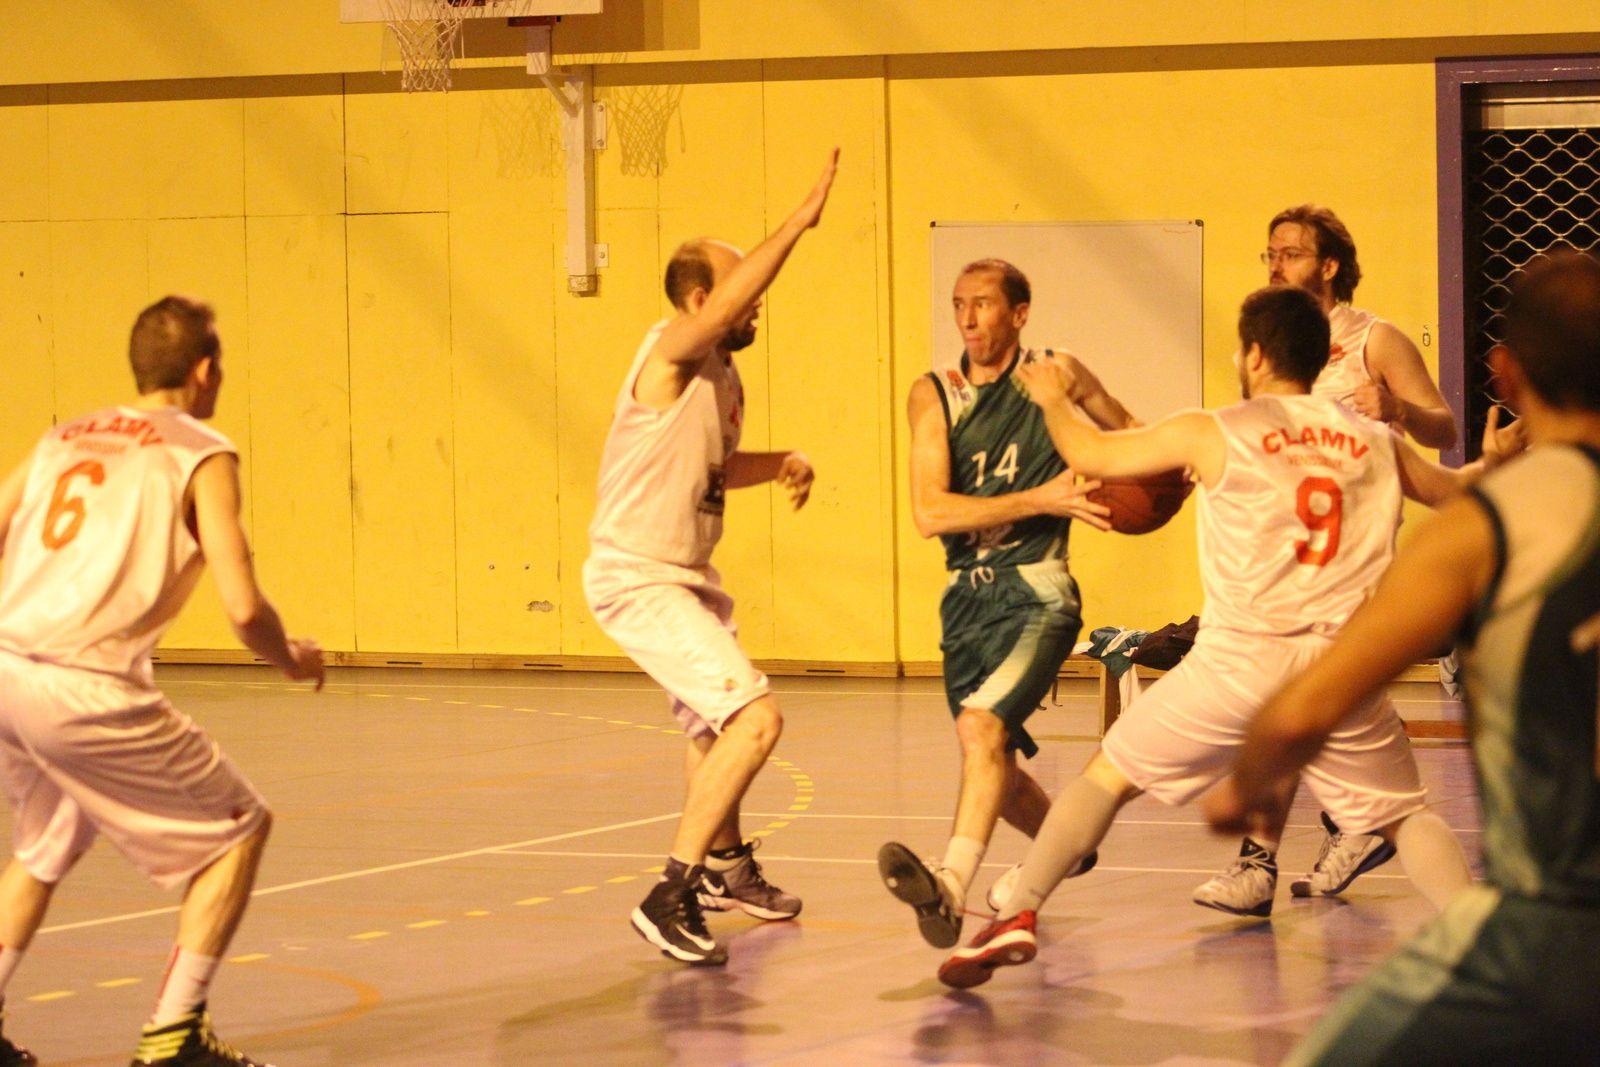 8 victoires de rang pour 8 rencontres jouées, le CLAMV Basket reste la seule équipe de sport collectif vénissian encore invaincue